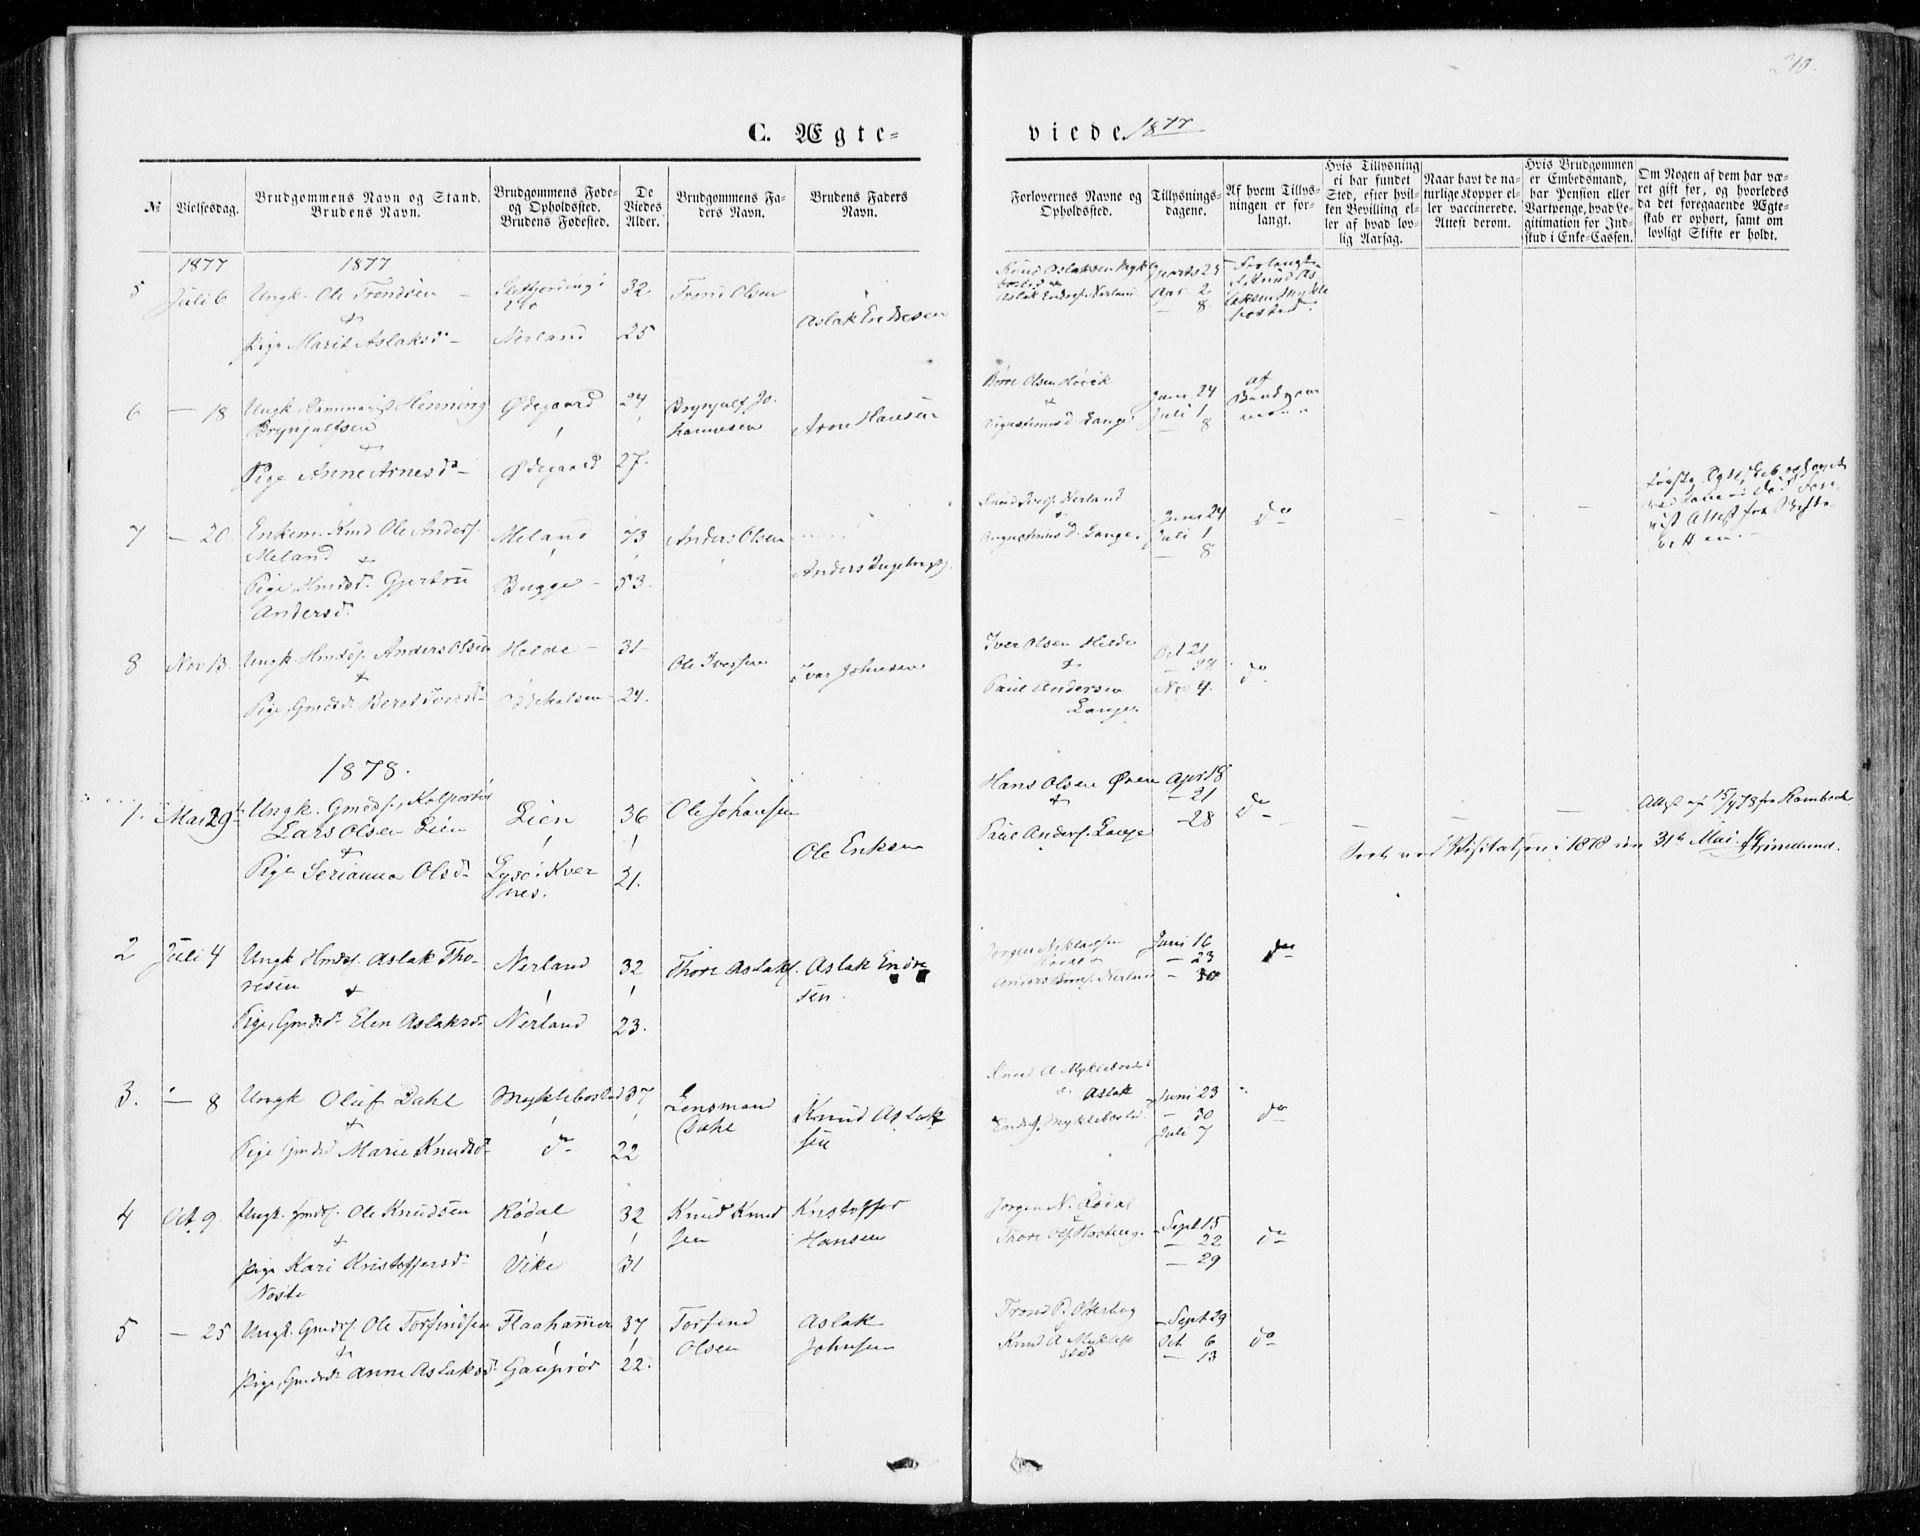 SAT, Ministerialprotokoller, klokkerbøker og fødselsregistre - Møre og Romsdal, 554/L0643: Ministerialbok nr. 554A01, 1846-1879, s. 210